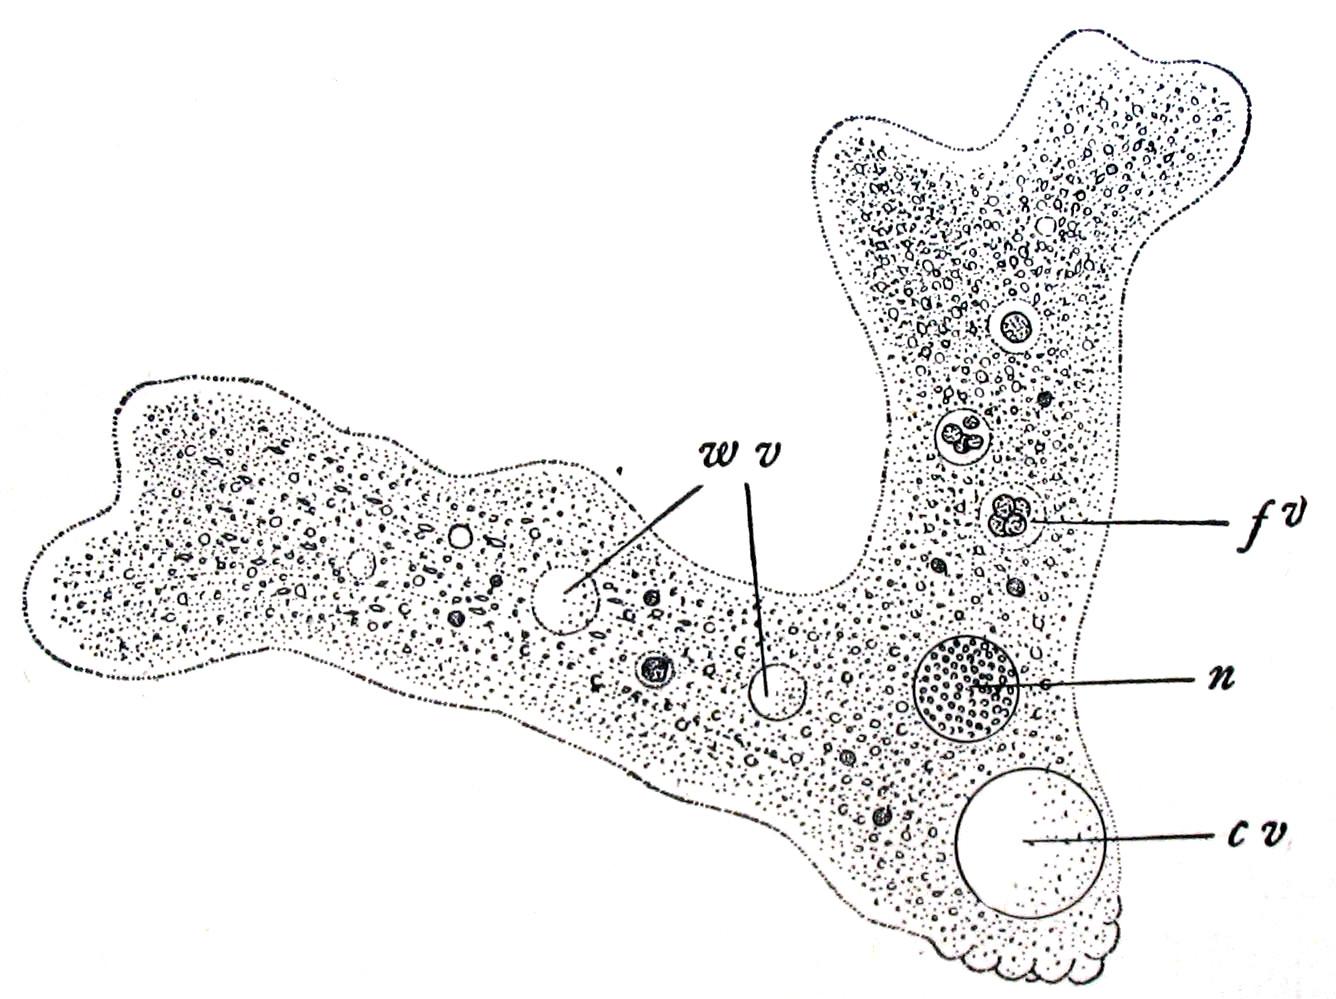 Amoebidae